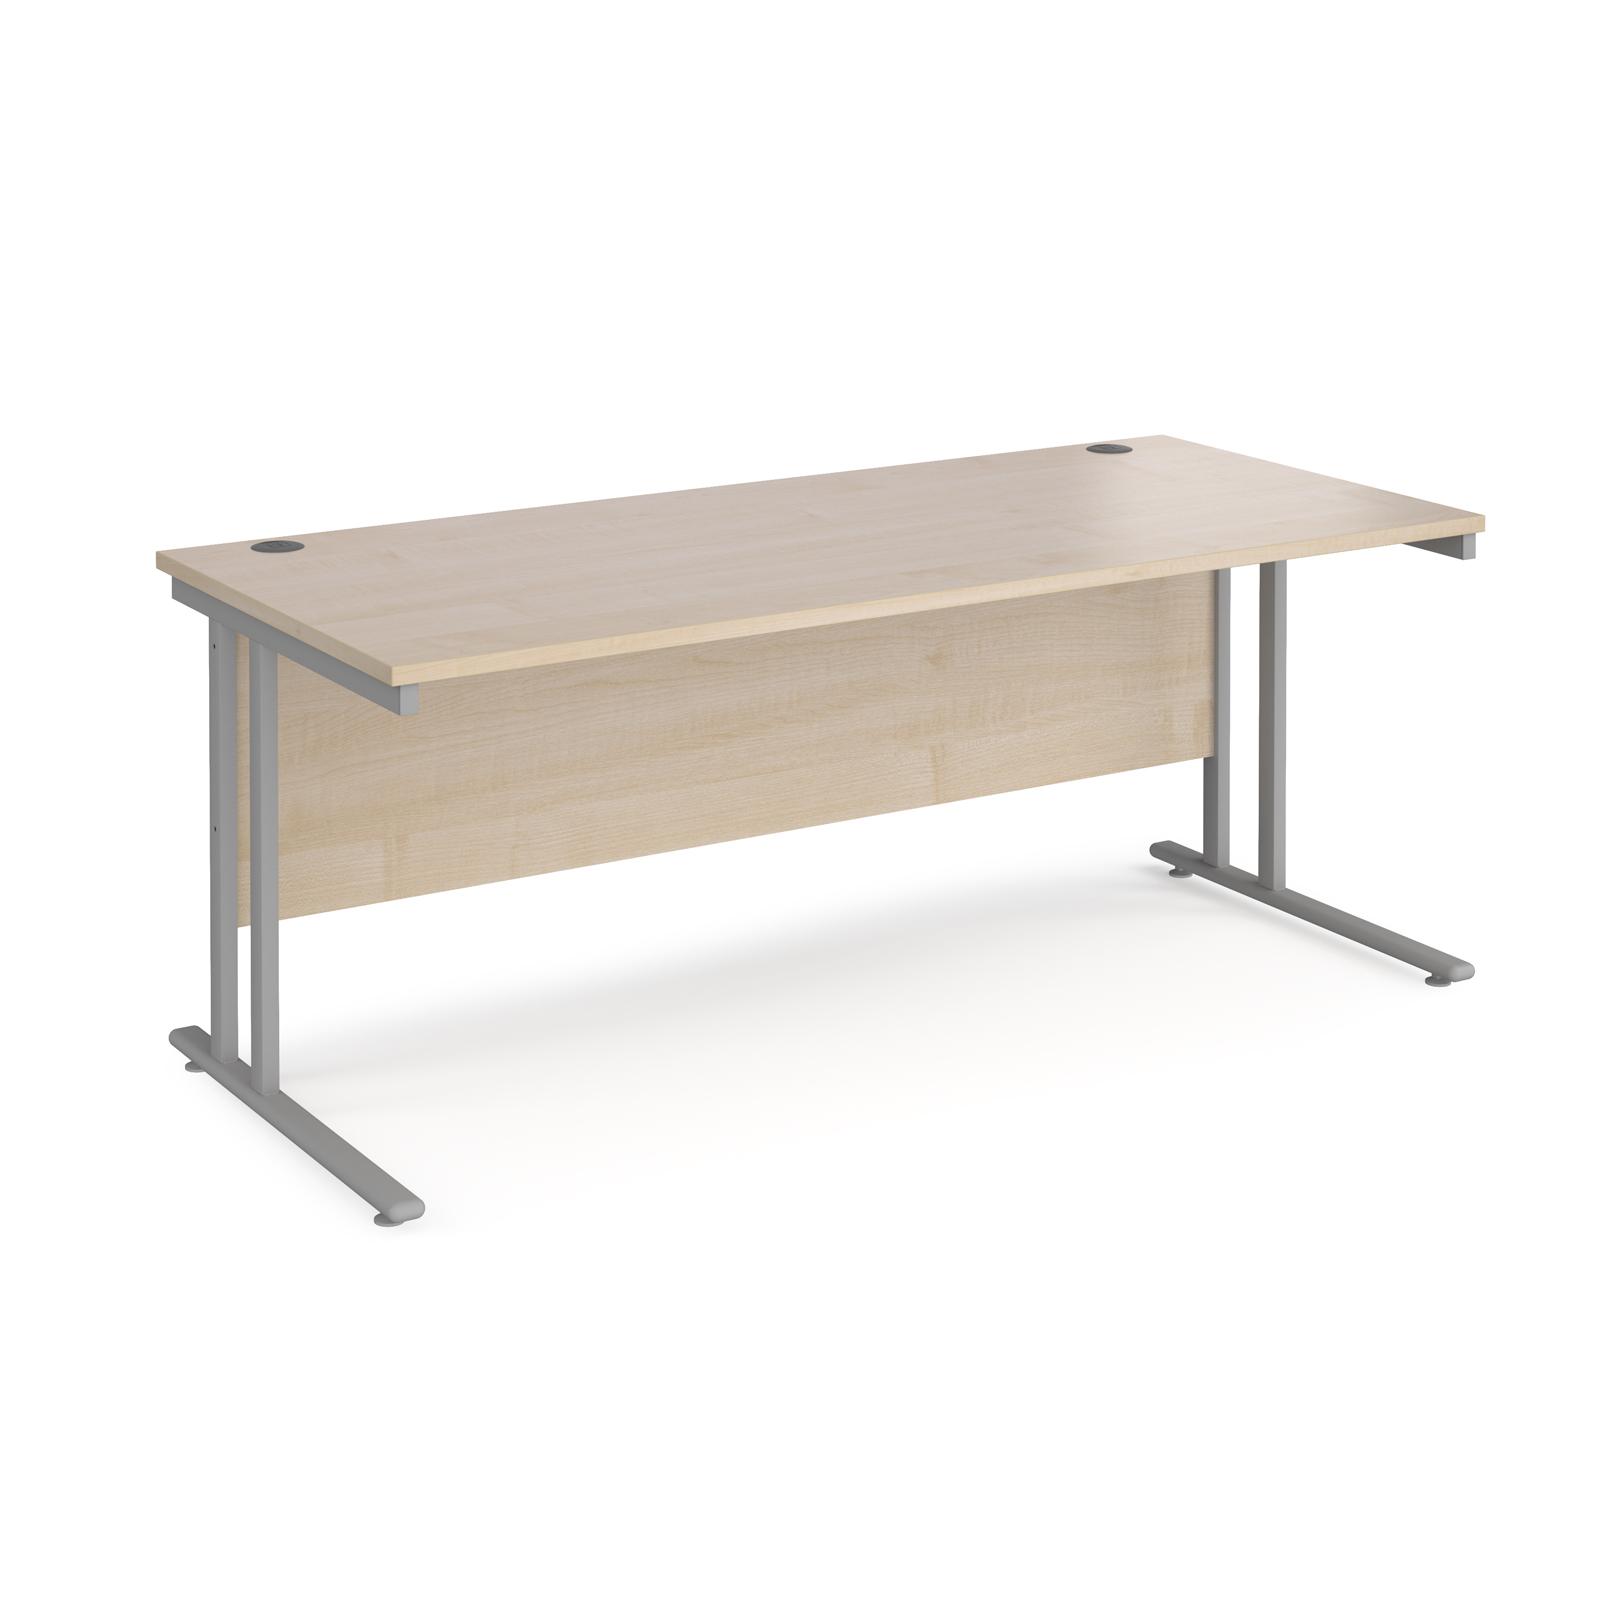 Rectangular Desks Maestro 25 straight desk 1800mm x 800mm - silver cantilever leg frame, maple top